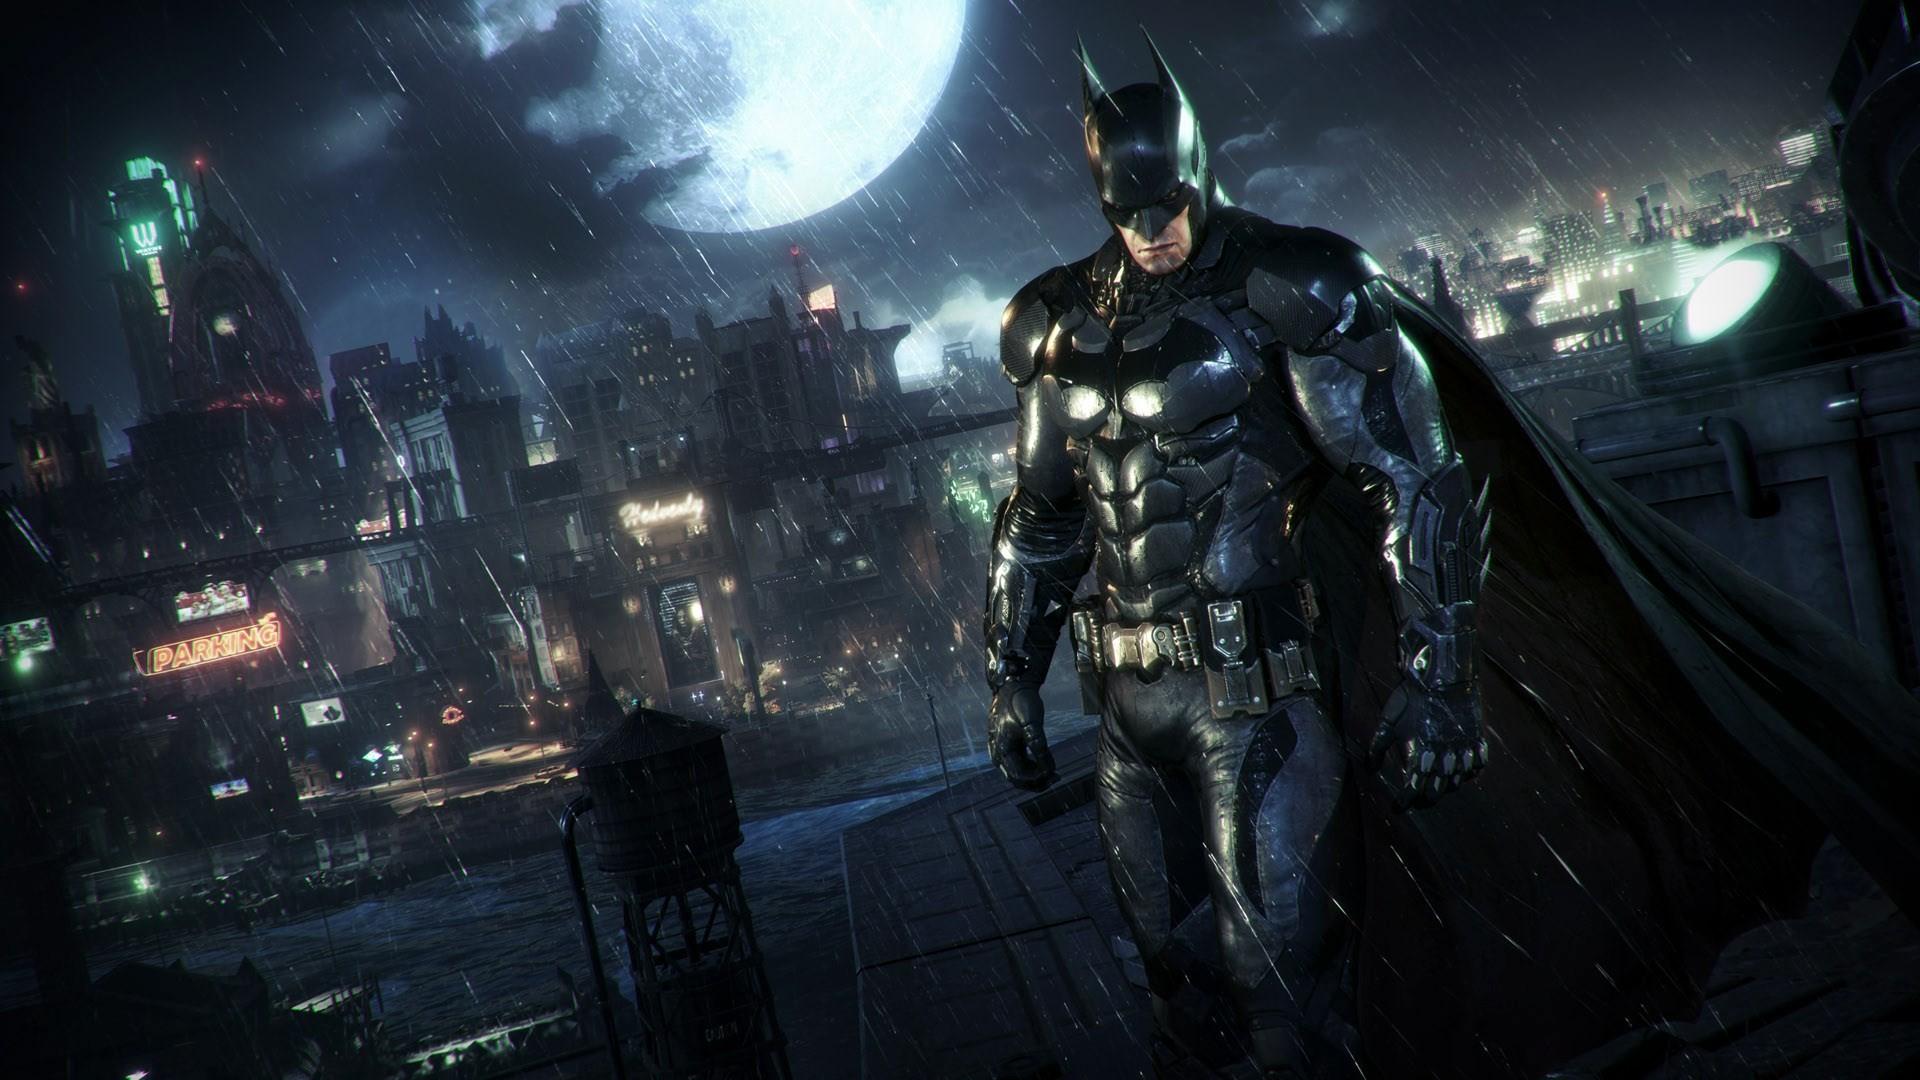 batman free screensaver wallpapers